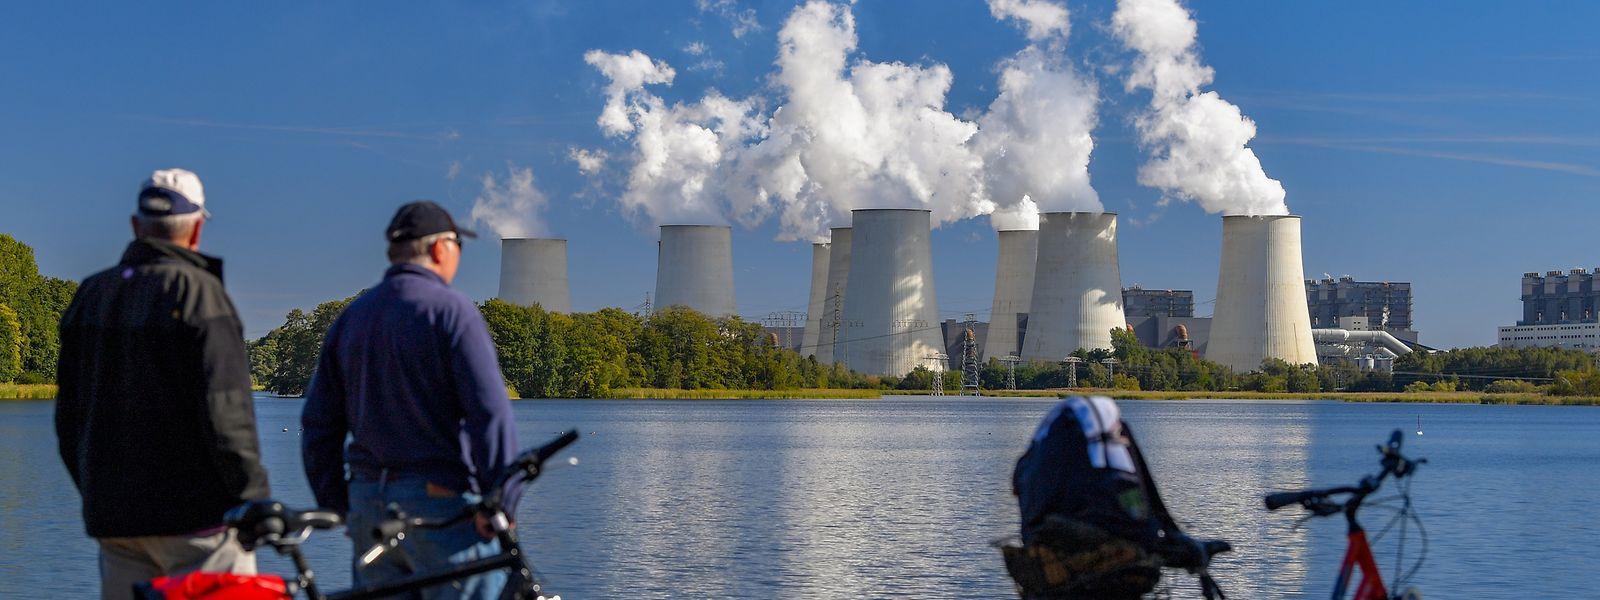 Die EU hat bisher international zugesagt, bis 2030 mindestens 40 Prozent weniger Treibhausgase in die Luft zu blasen als 1990.